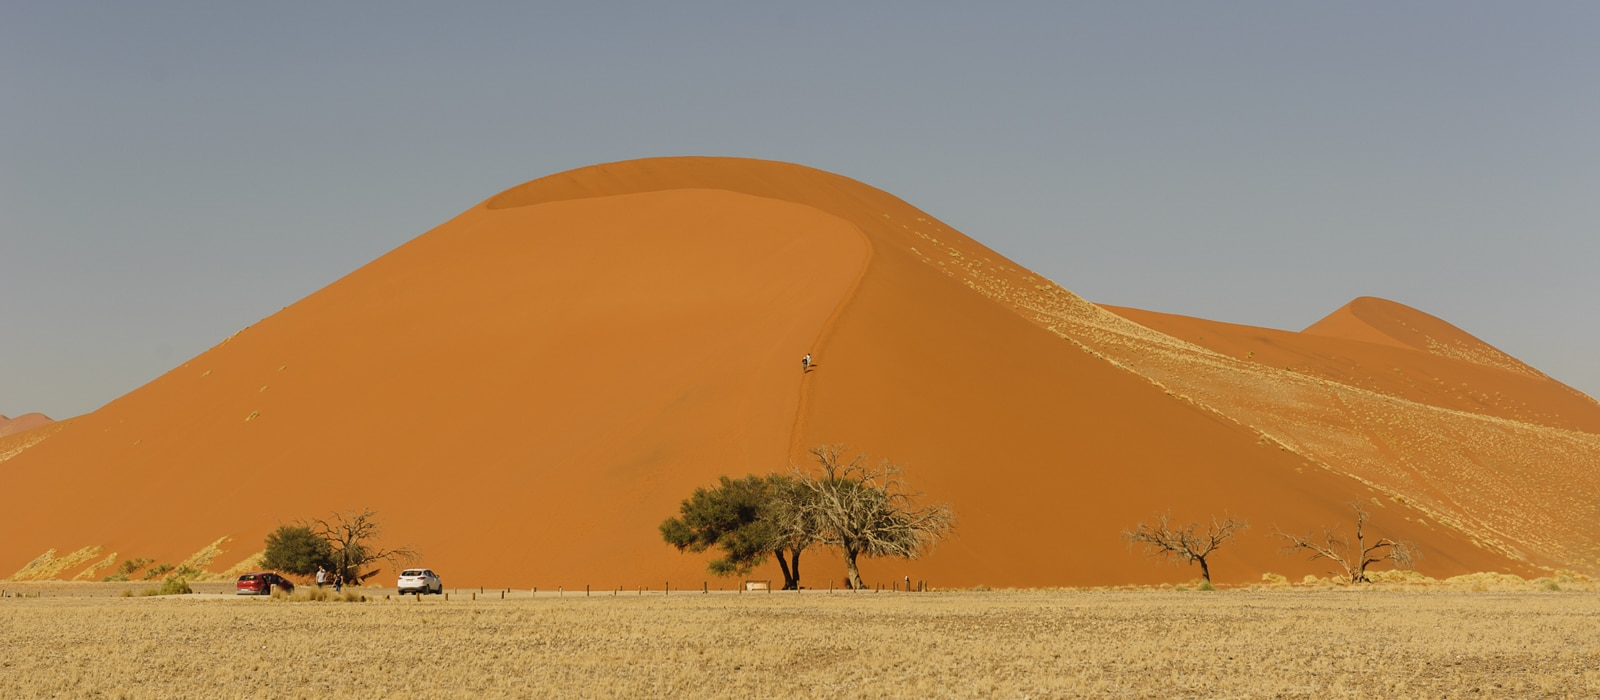 Voyage organisé en petit groupe - Sossusvlvei - Namibie - Agence de voyage Les Routes du Monde